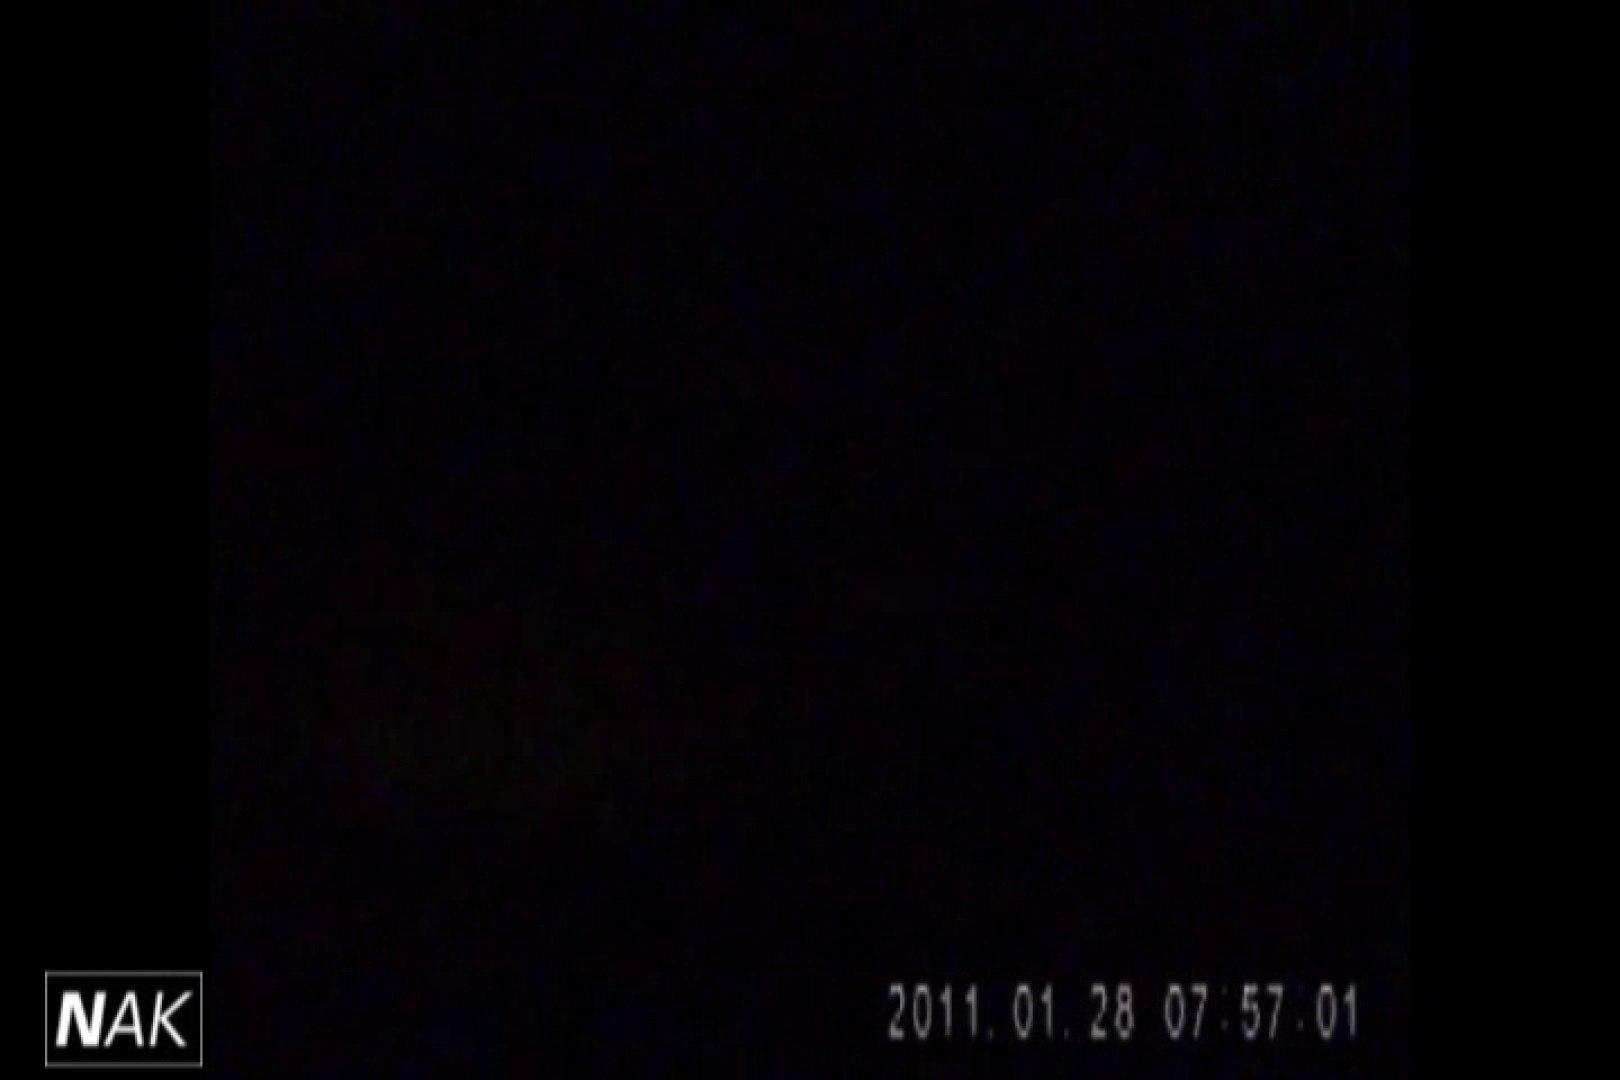 せん八さんの厠観察日記!2点監視カメラ 高画質5000K vol.14 高画質  33連発 25